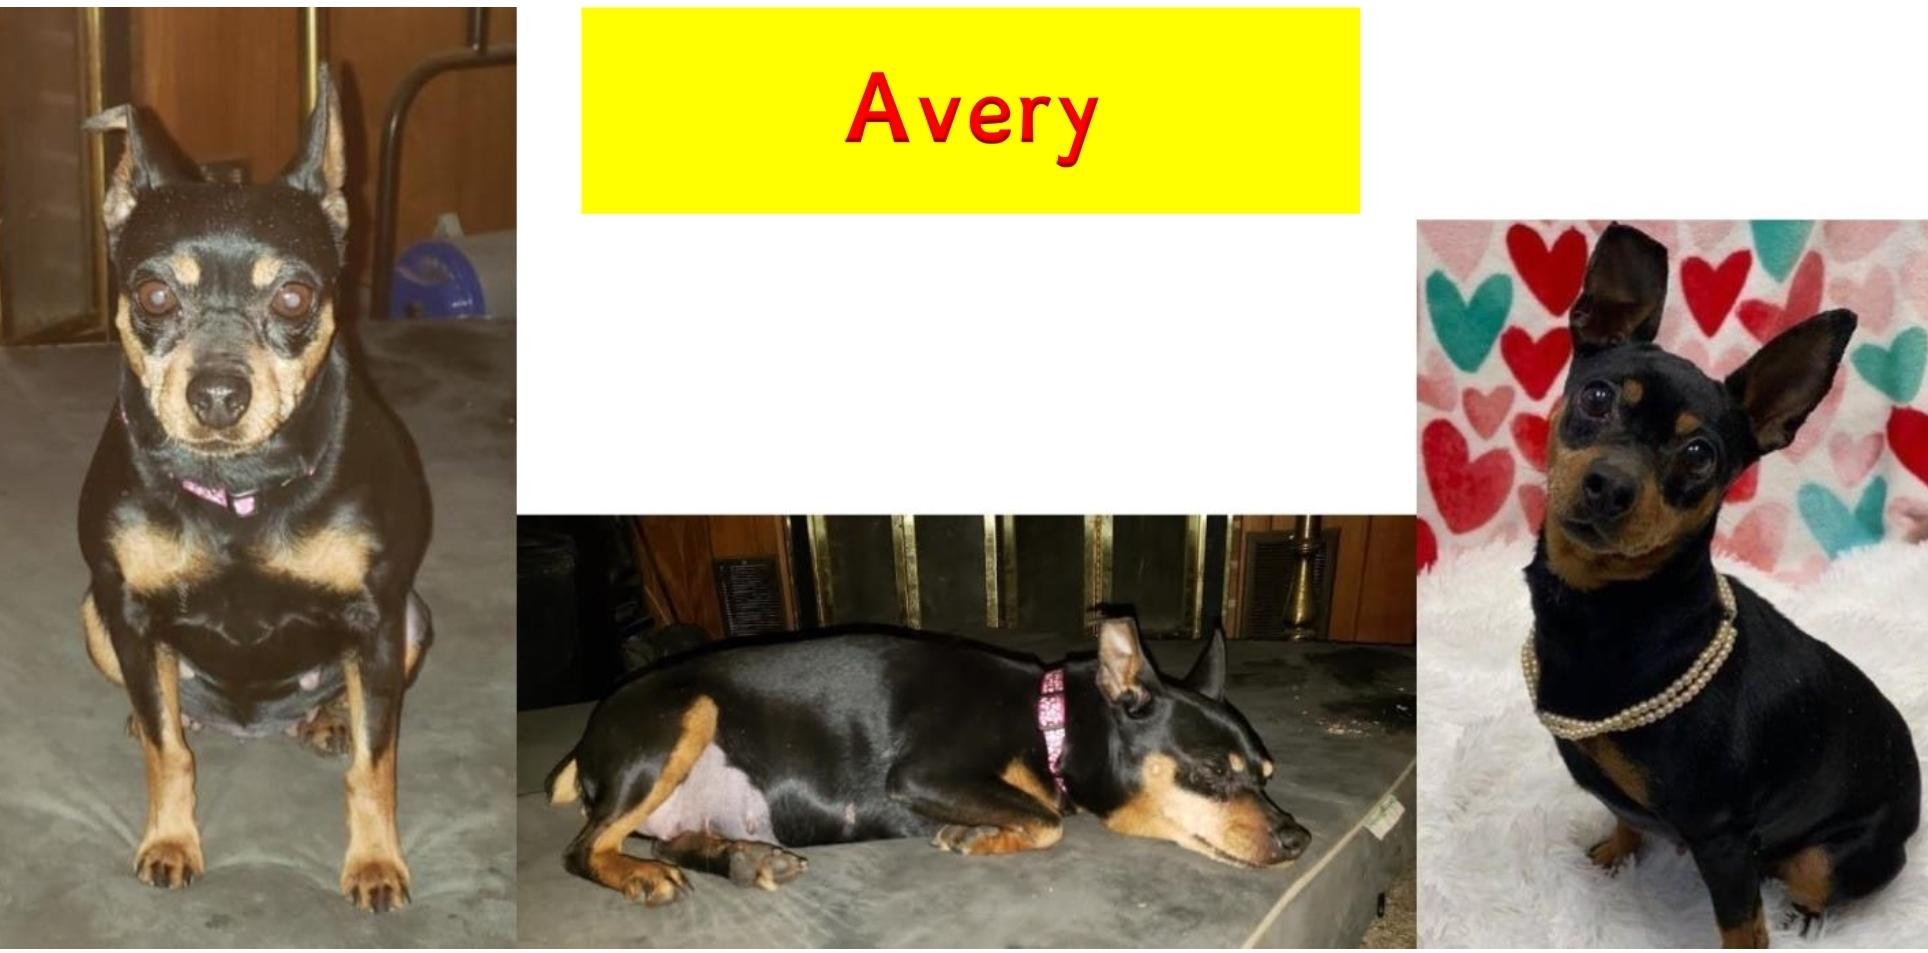 Avery_pic_heading